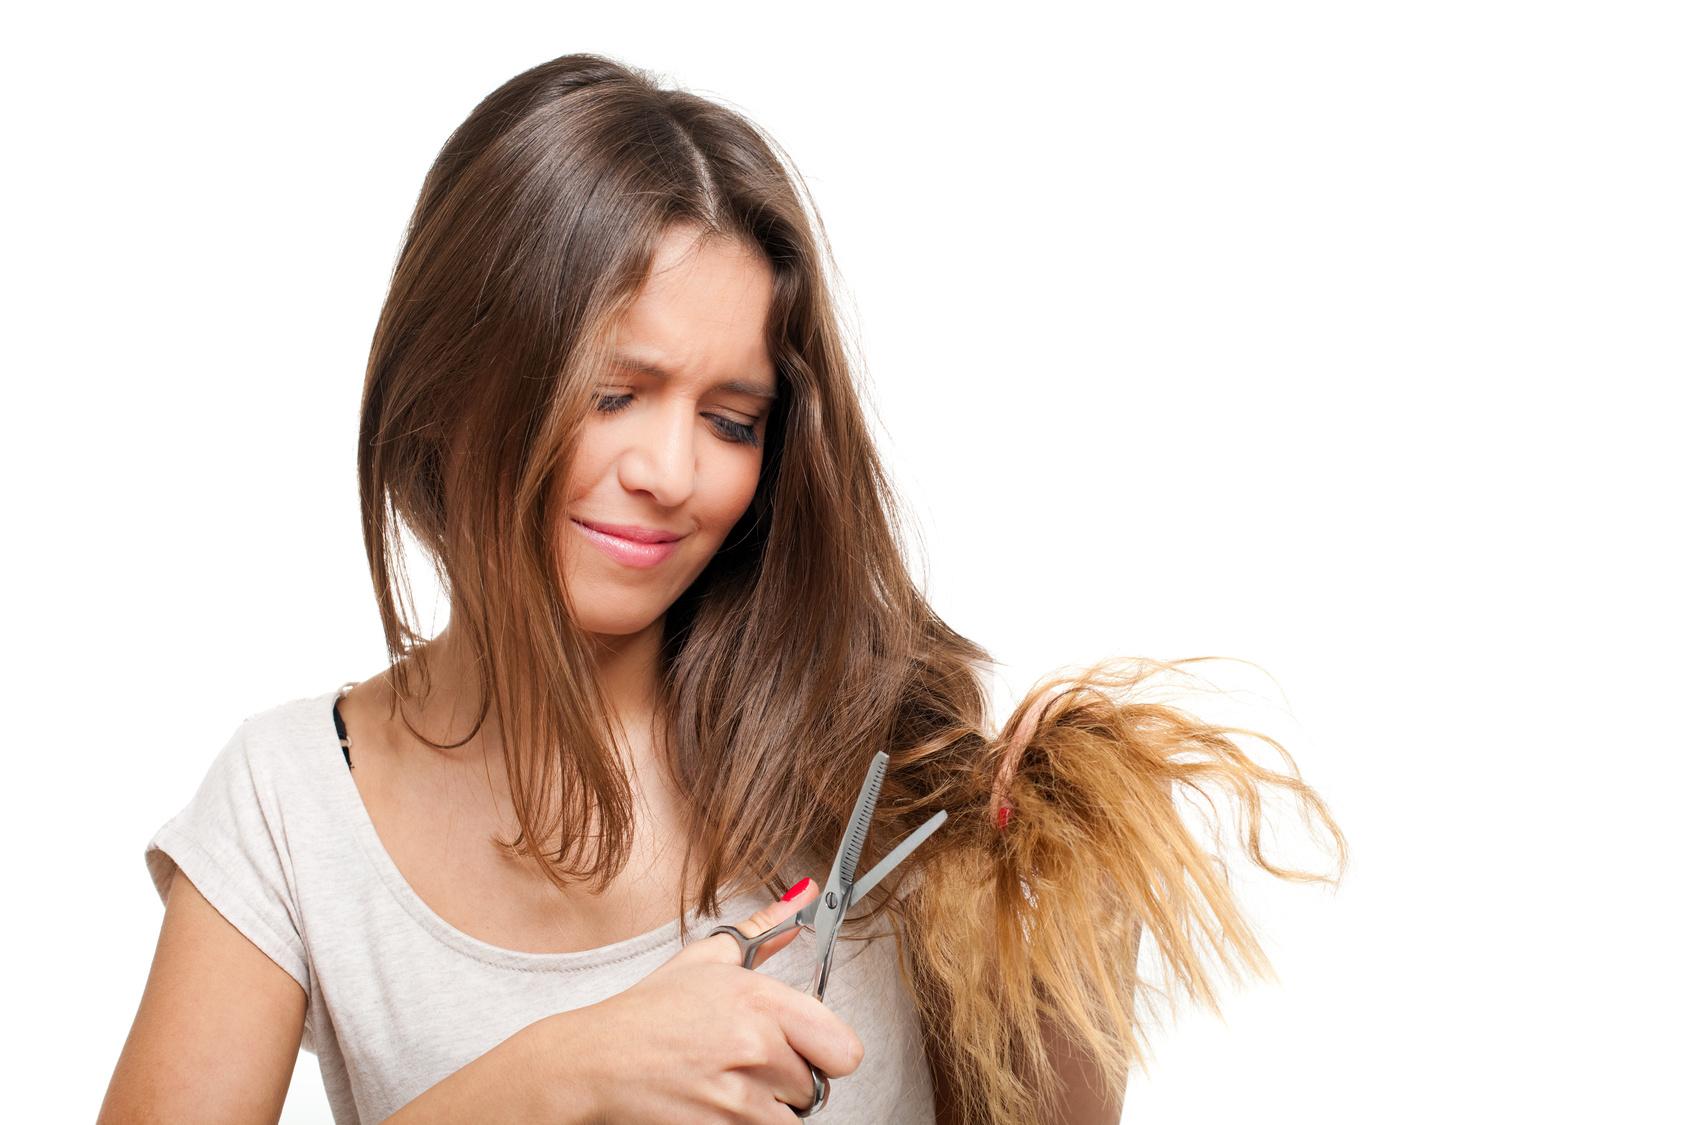 Bí quyết phục hồi mái tóc khô xơ hiệu quả